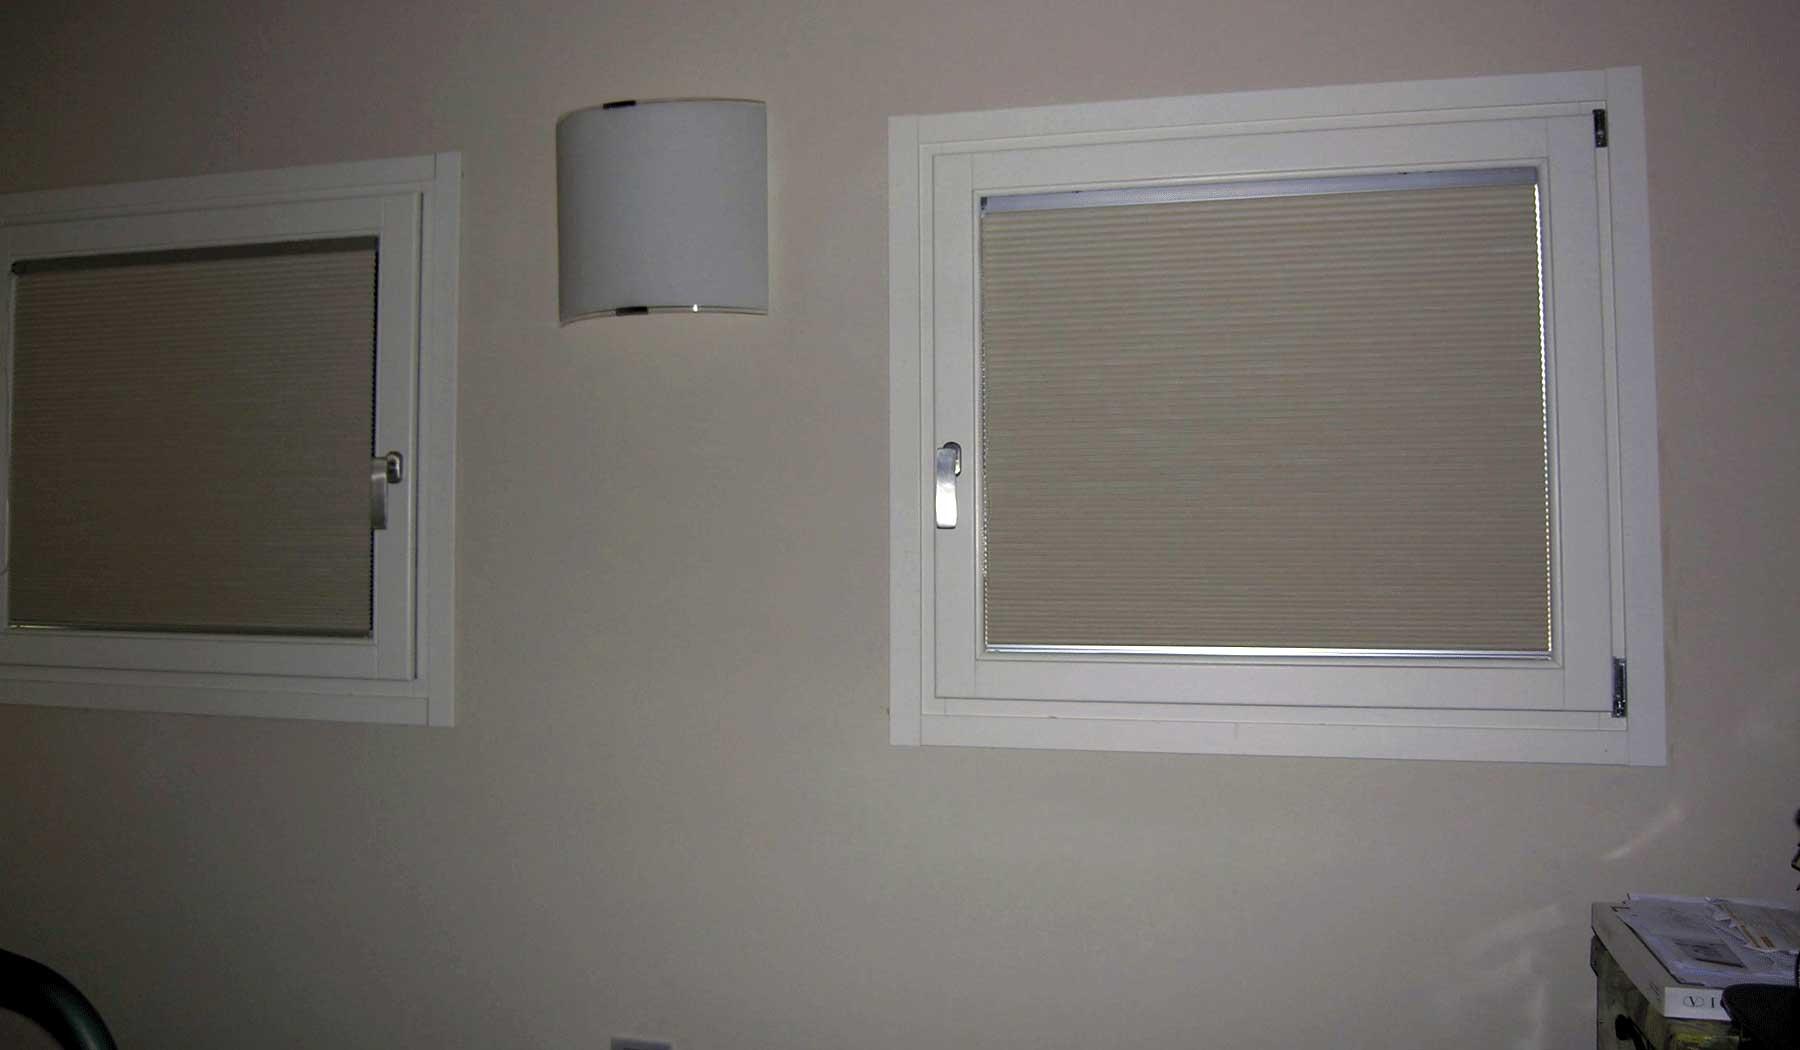 Tende da vetro perfect tende moderne per vetrate con - Modelli di tende per camera da letto ...